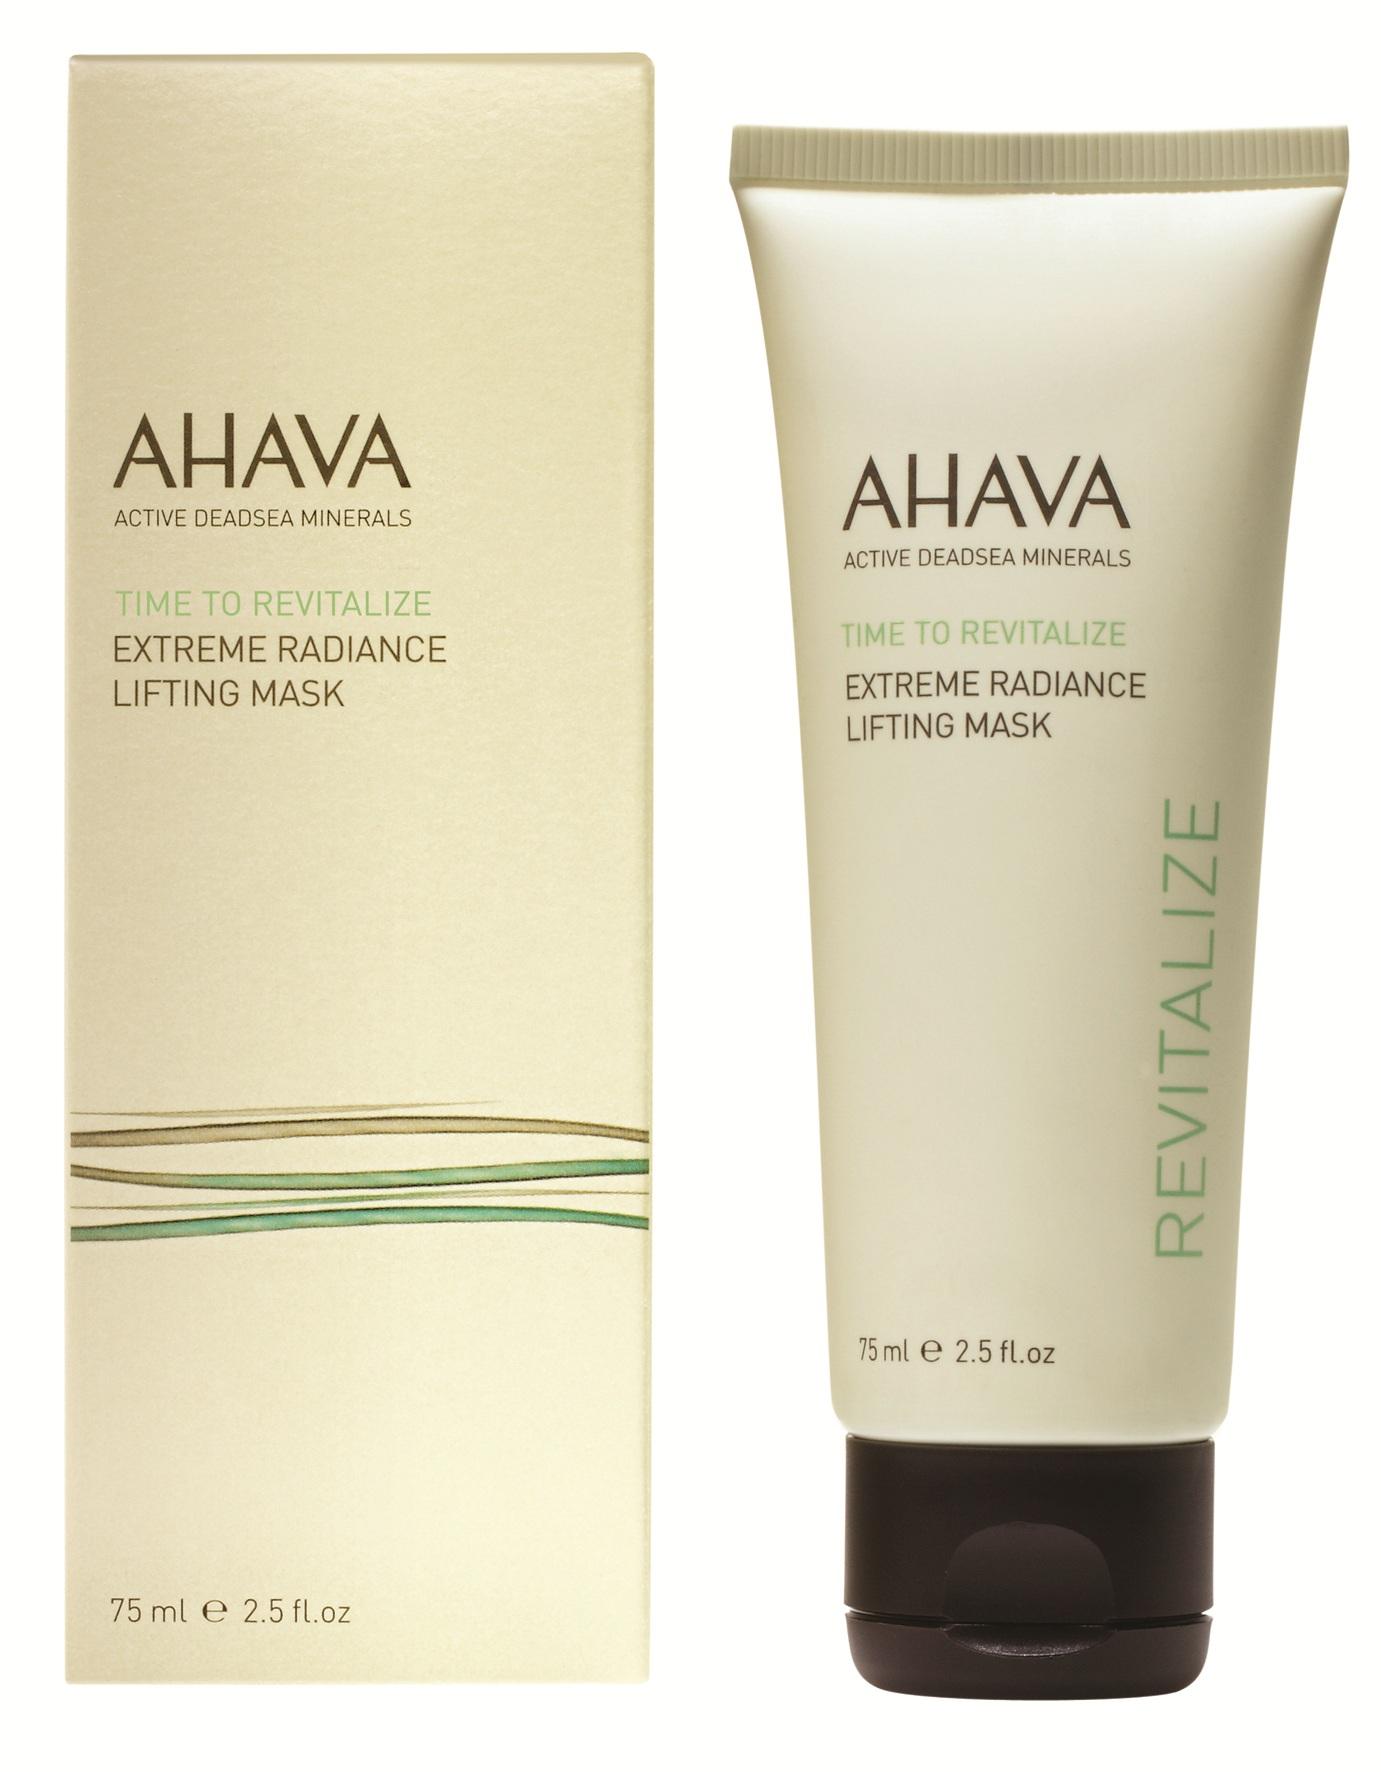 AHAVA Маска с эффектом сияния для подтяжки кожи лица / Extreme Mask Time To Revitalize 75 мл